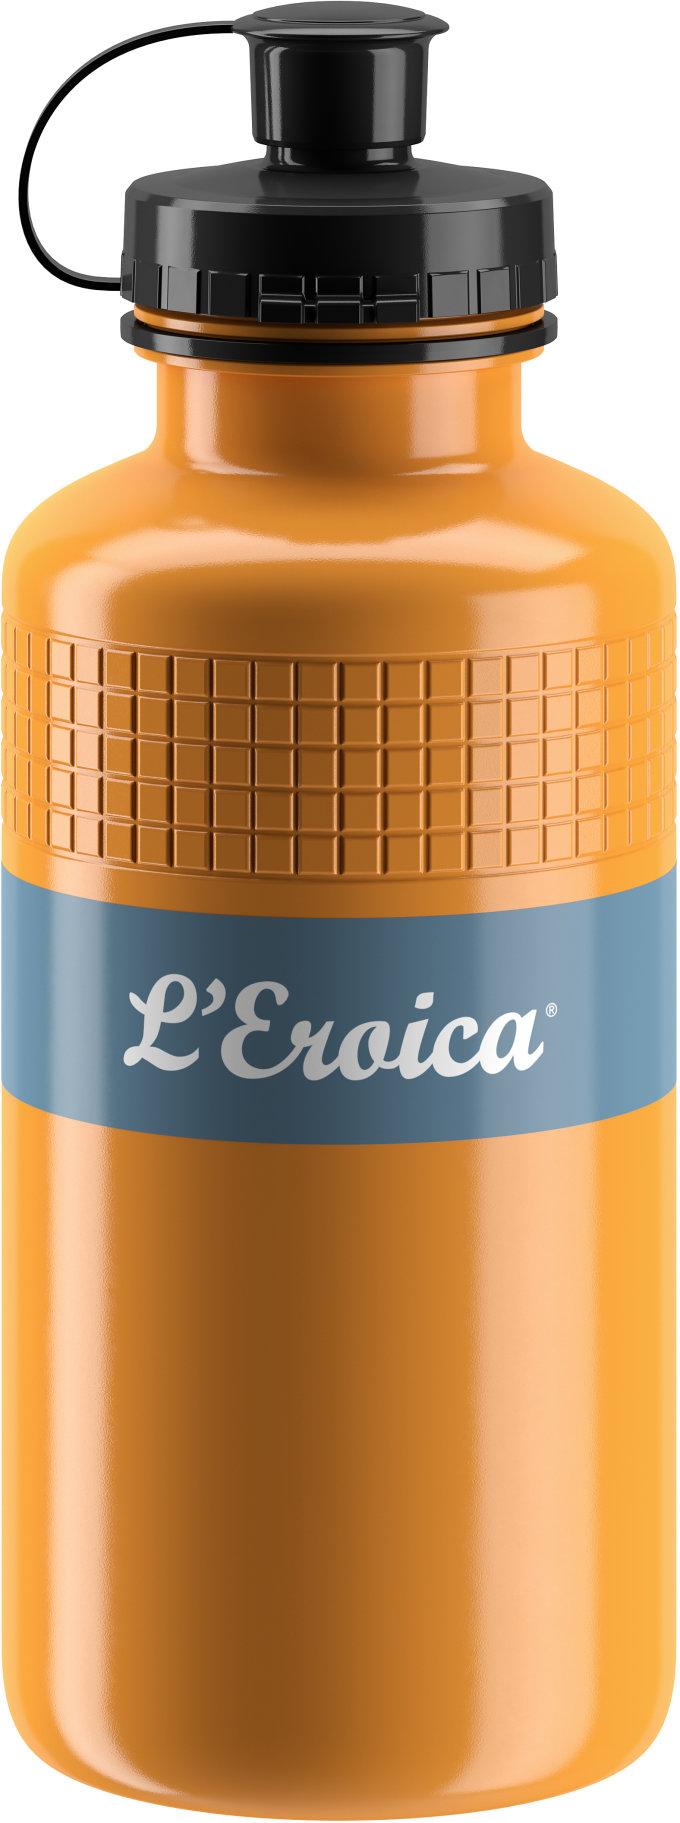 ELITE láhev VINTAGE L'EROICA, okrová, 500 ml